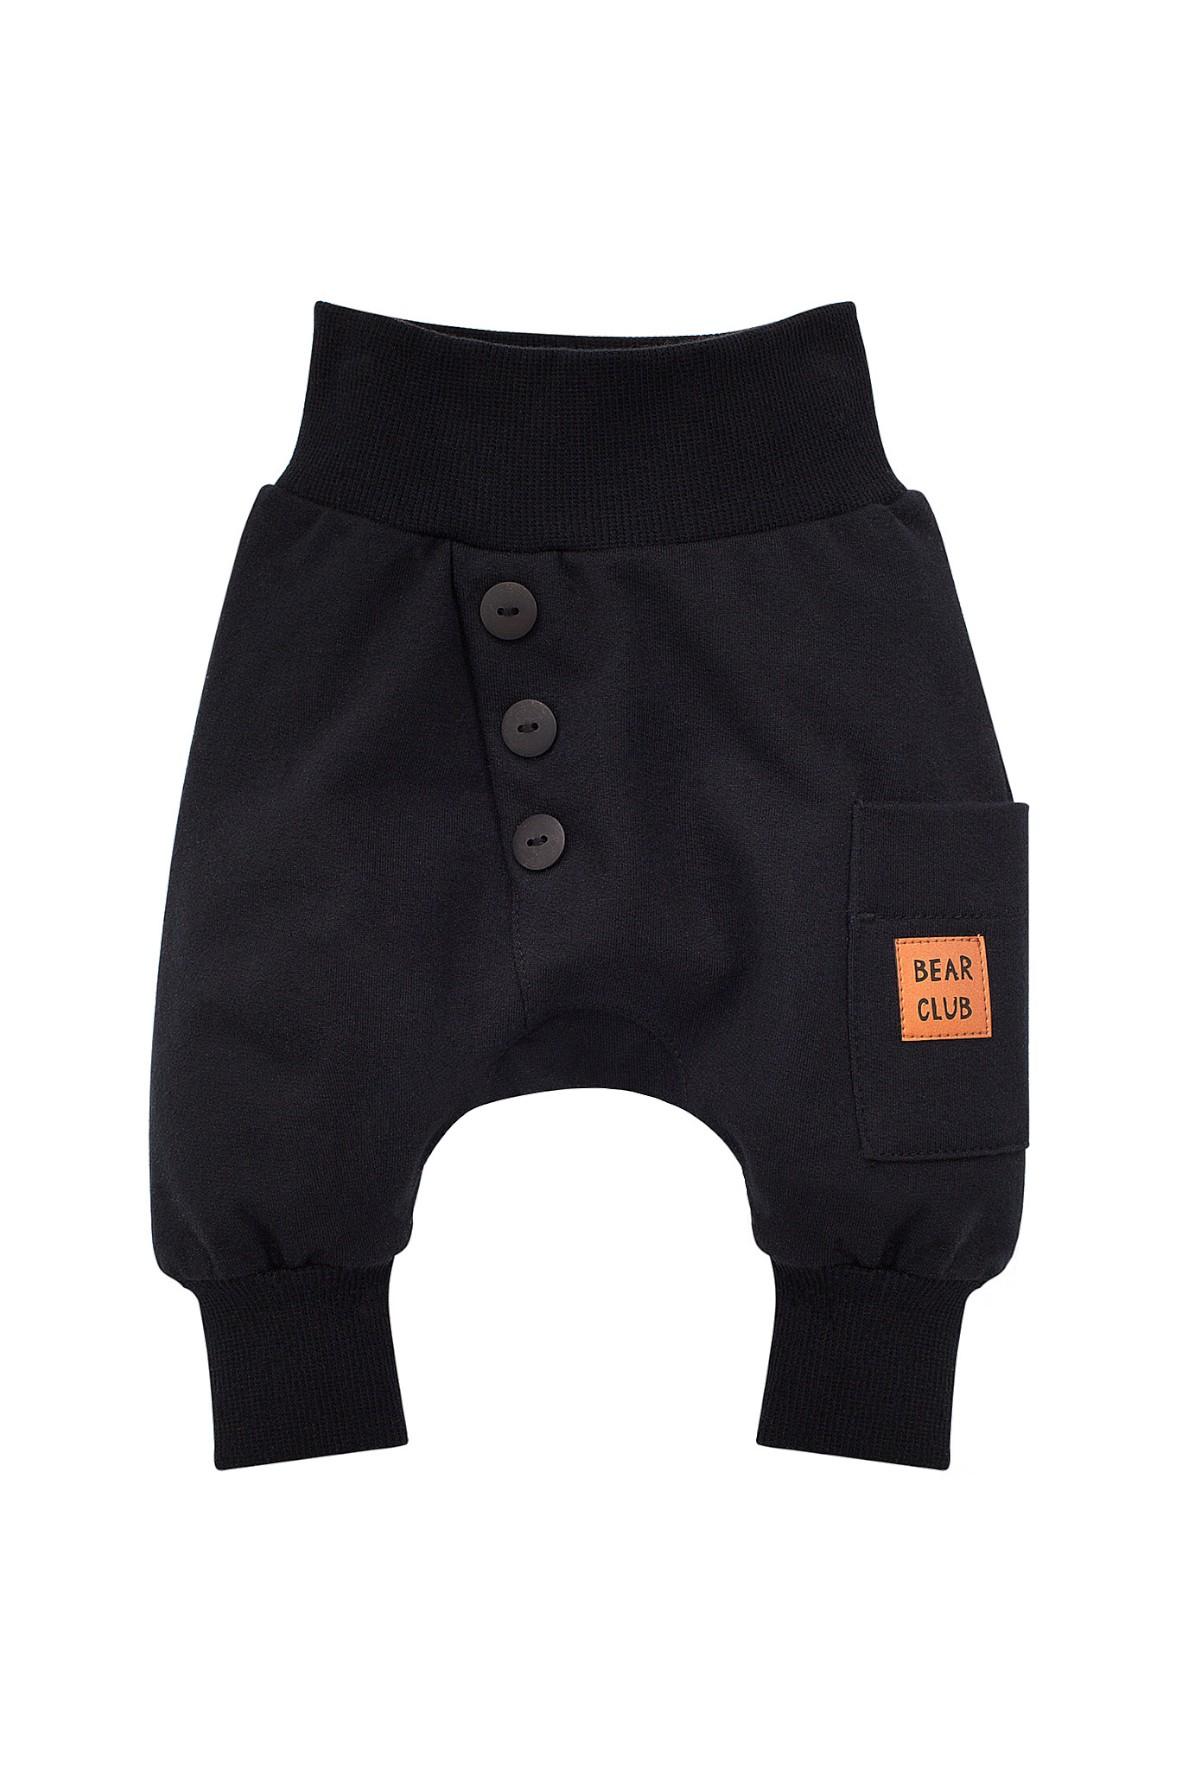 Spodnie - pumpy niemowlęce czarne Bears Club